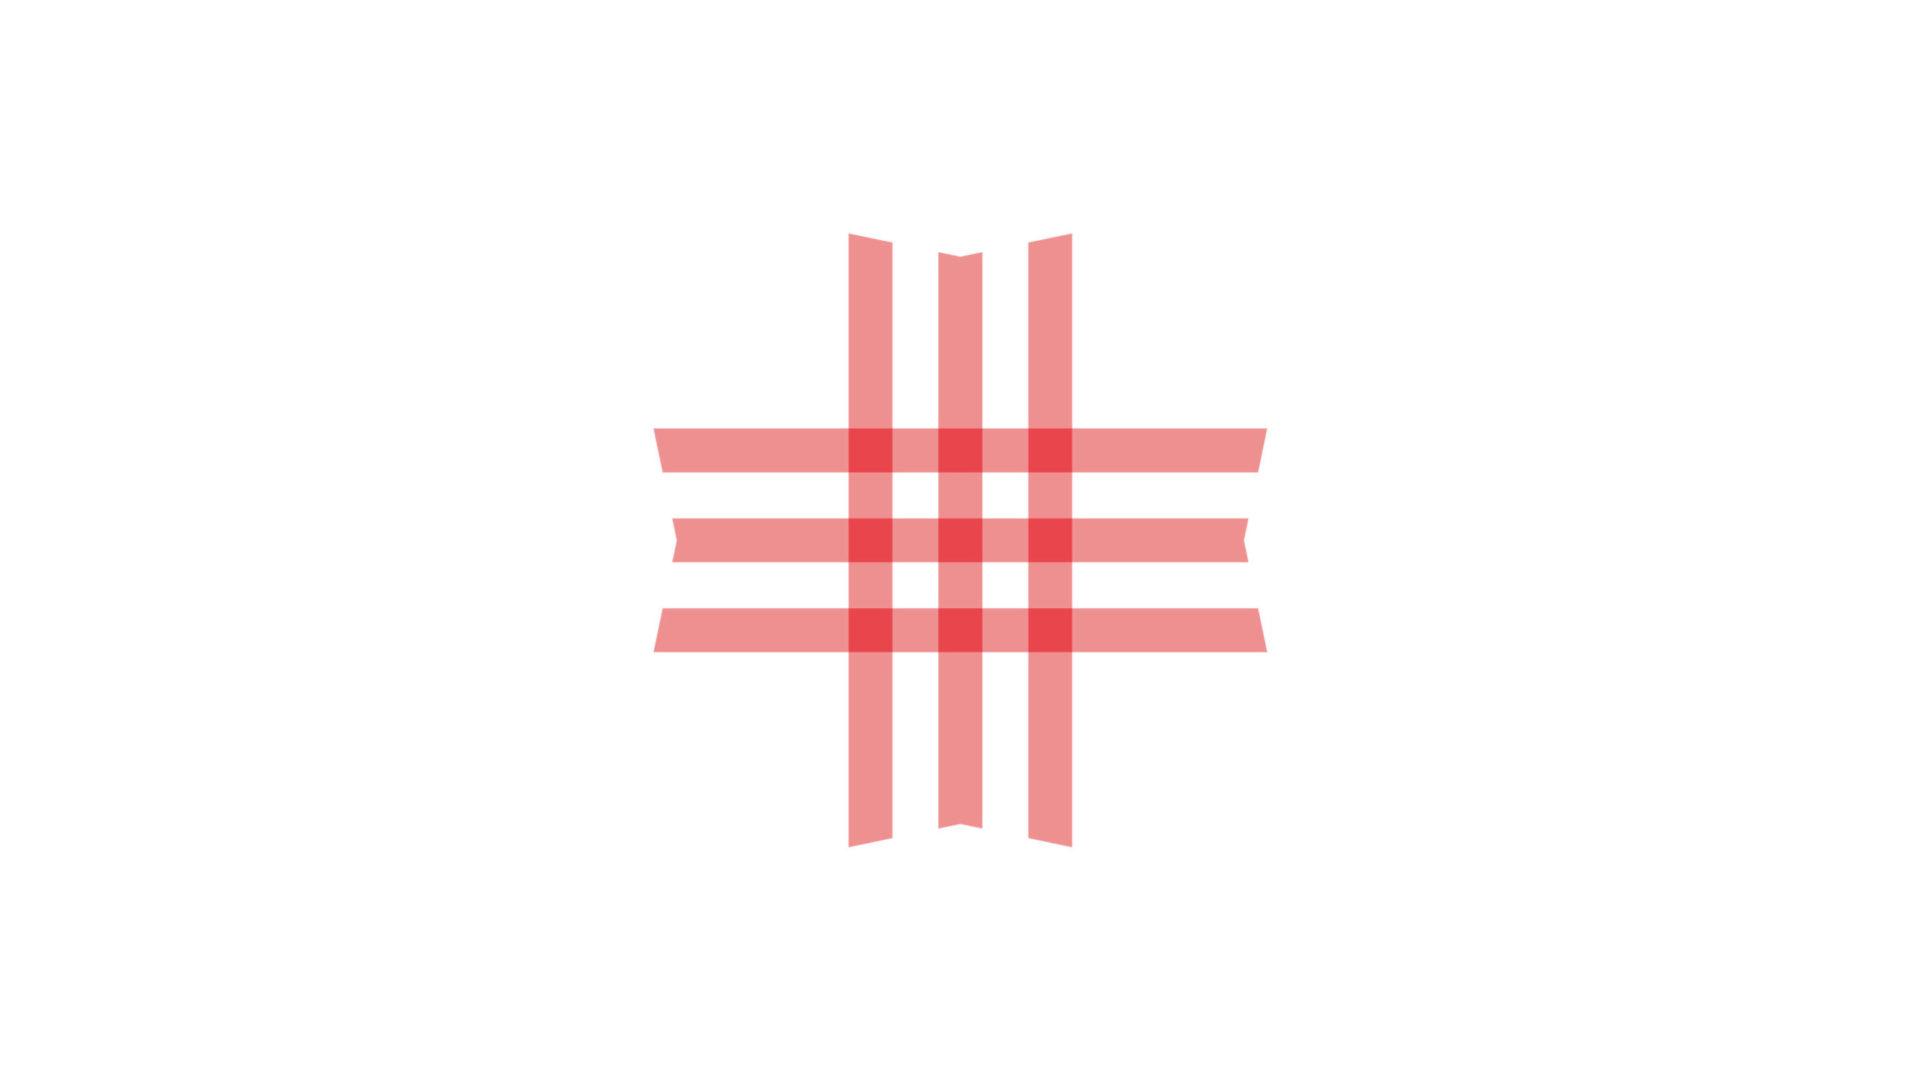 シンボルマーク・ロゴマークのデザイン